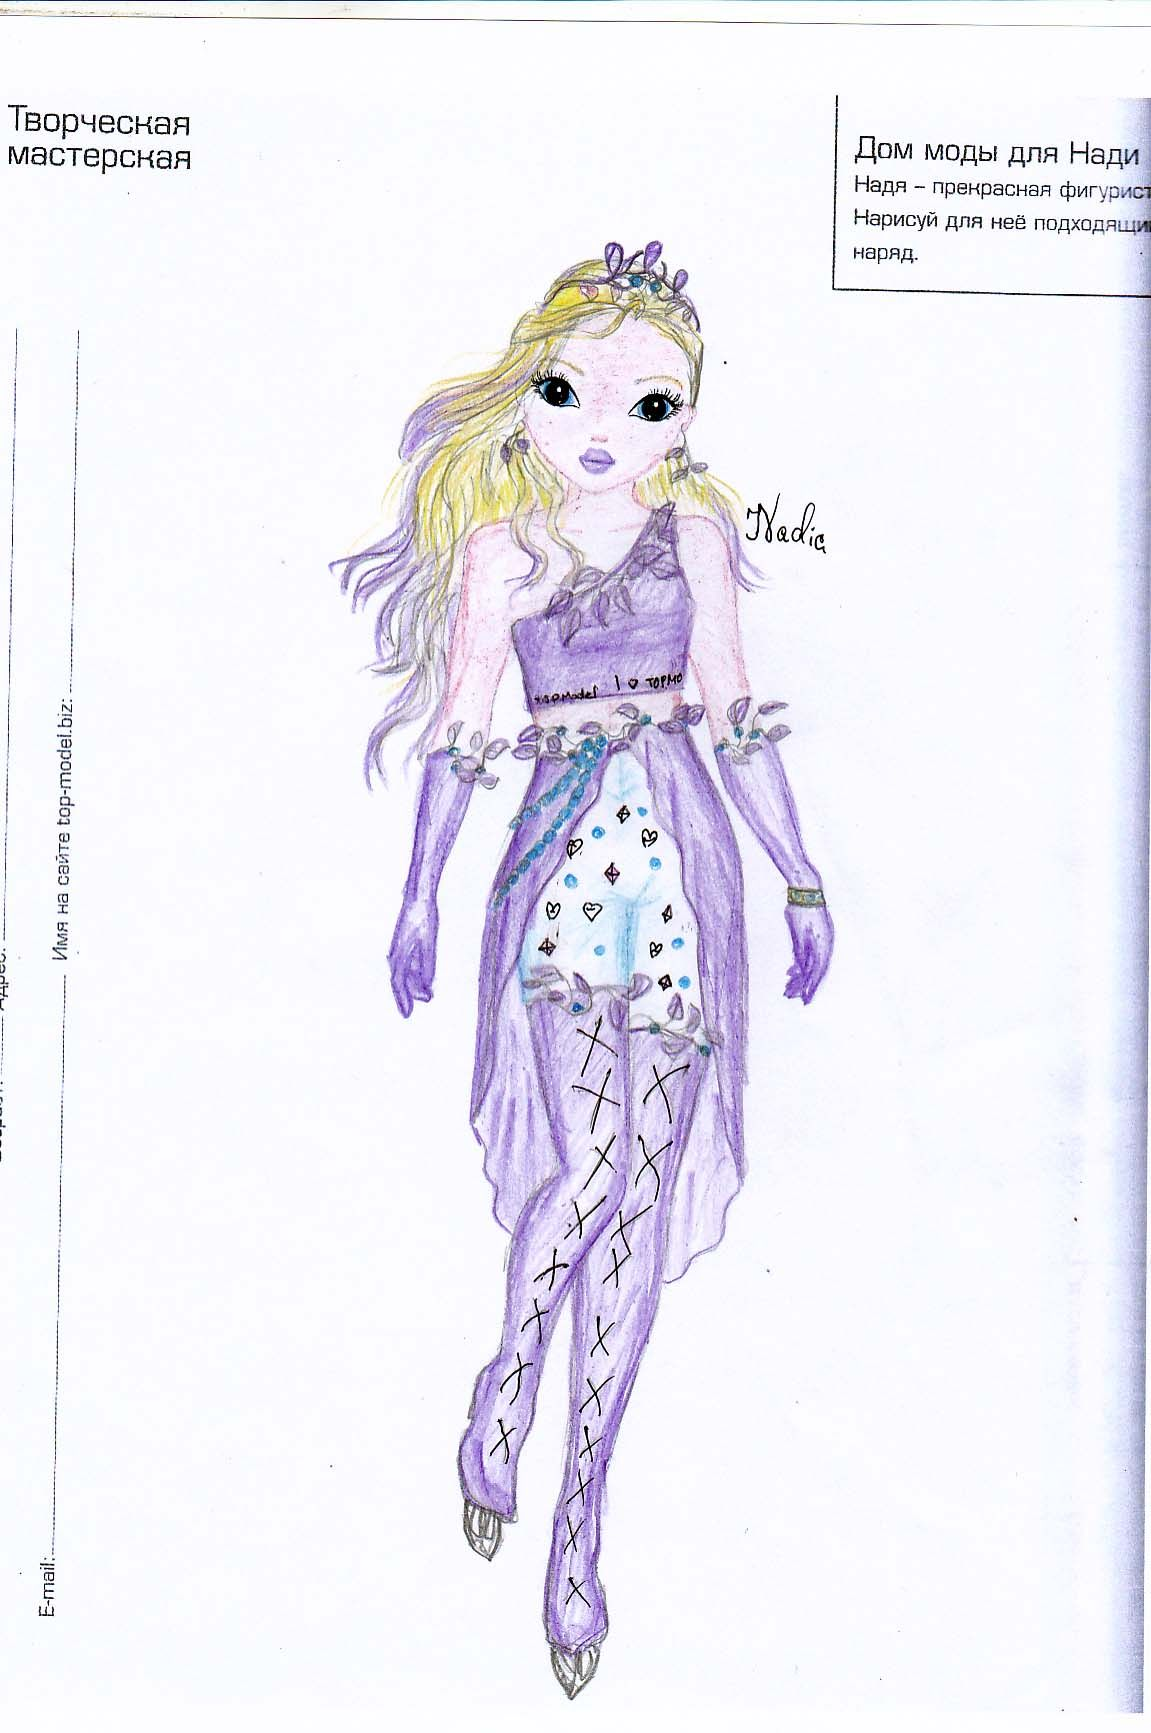 Marina M., 11 år